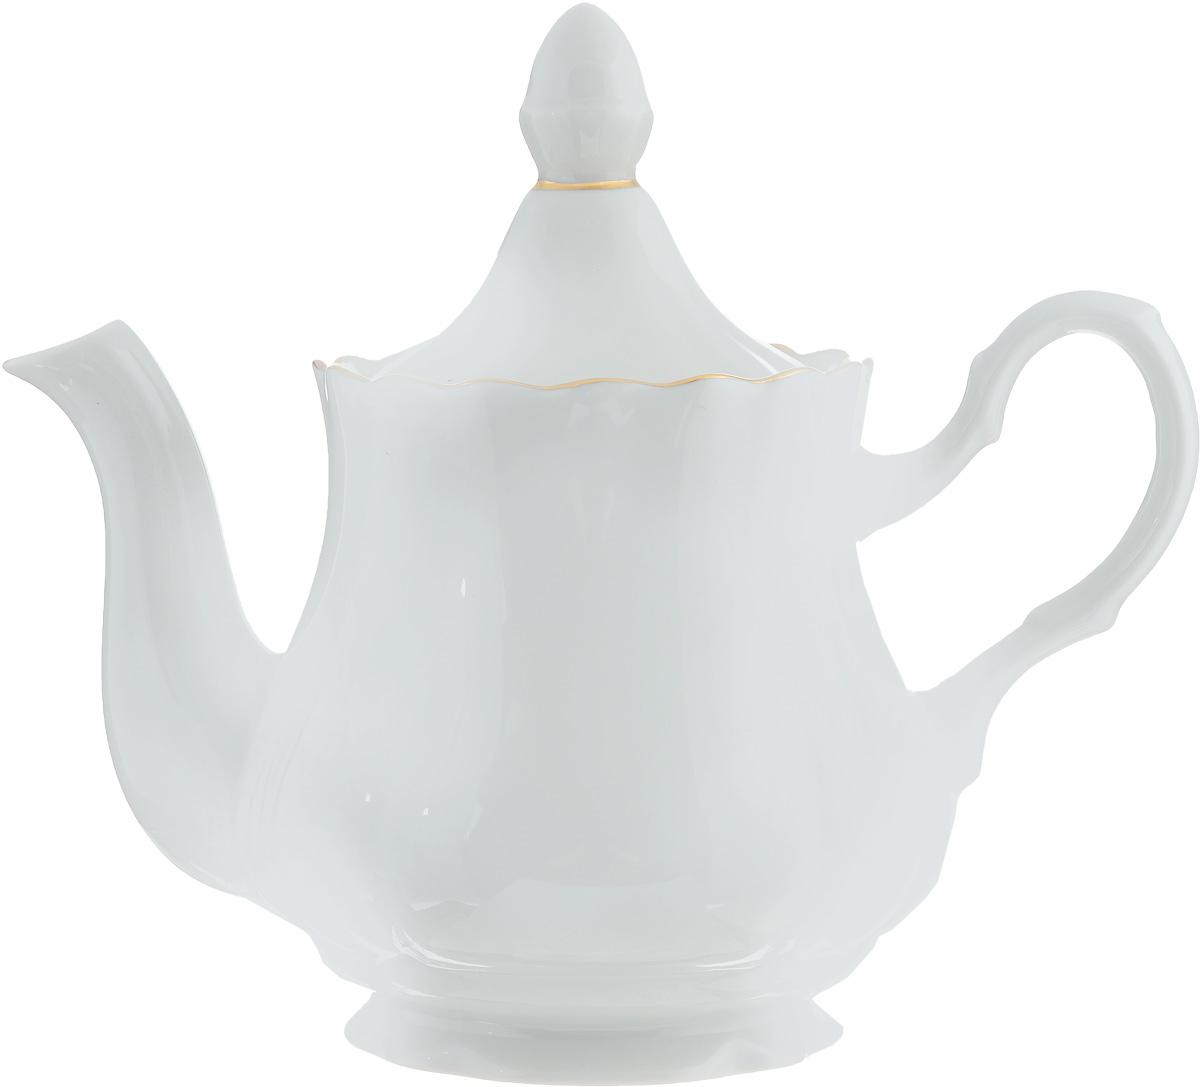 Чайник заварочный Романс, 800 мл507771Заварочный чайник Романс выполнен из высококачественного фарфора и покрыт сверкающей глазурью. Изделие оснащено крышкой. Заварочный чайник Романс придется по вкусу и ценителям классики, и тем, кто предпочитает утонченность и изысканность.Диаметр (по верхнему краю): 9,5 см. Высота чайника (без учета крышки): 14 см.